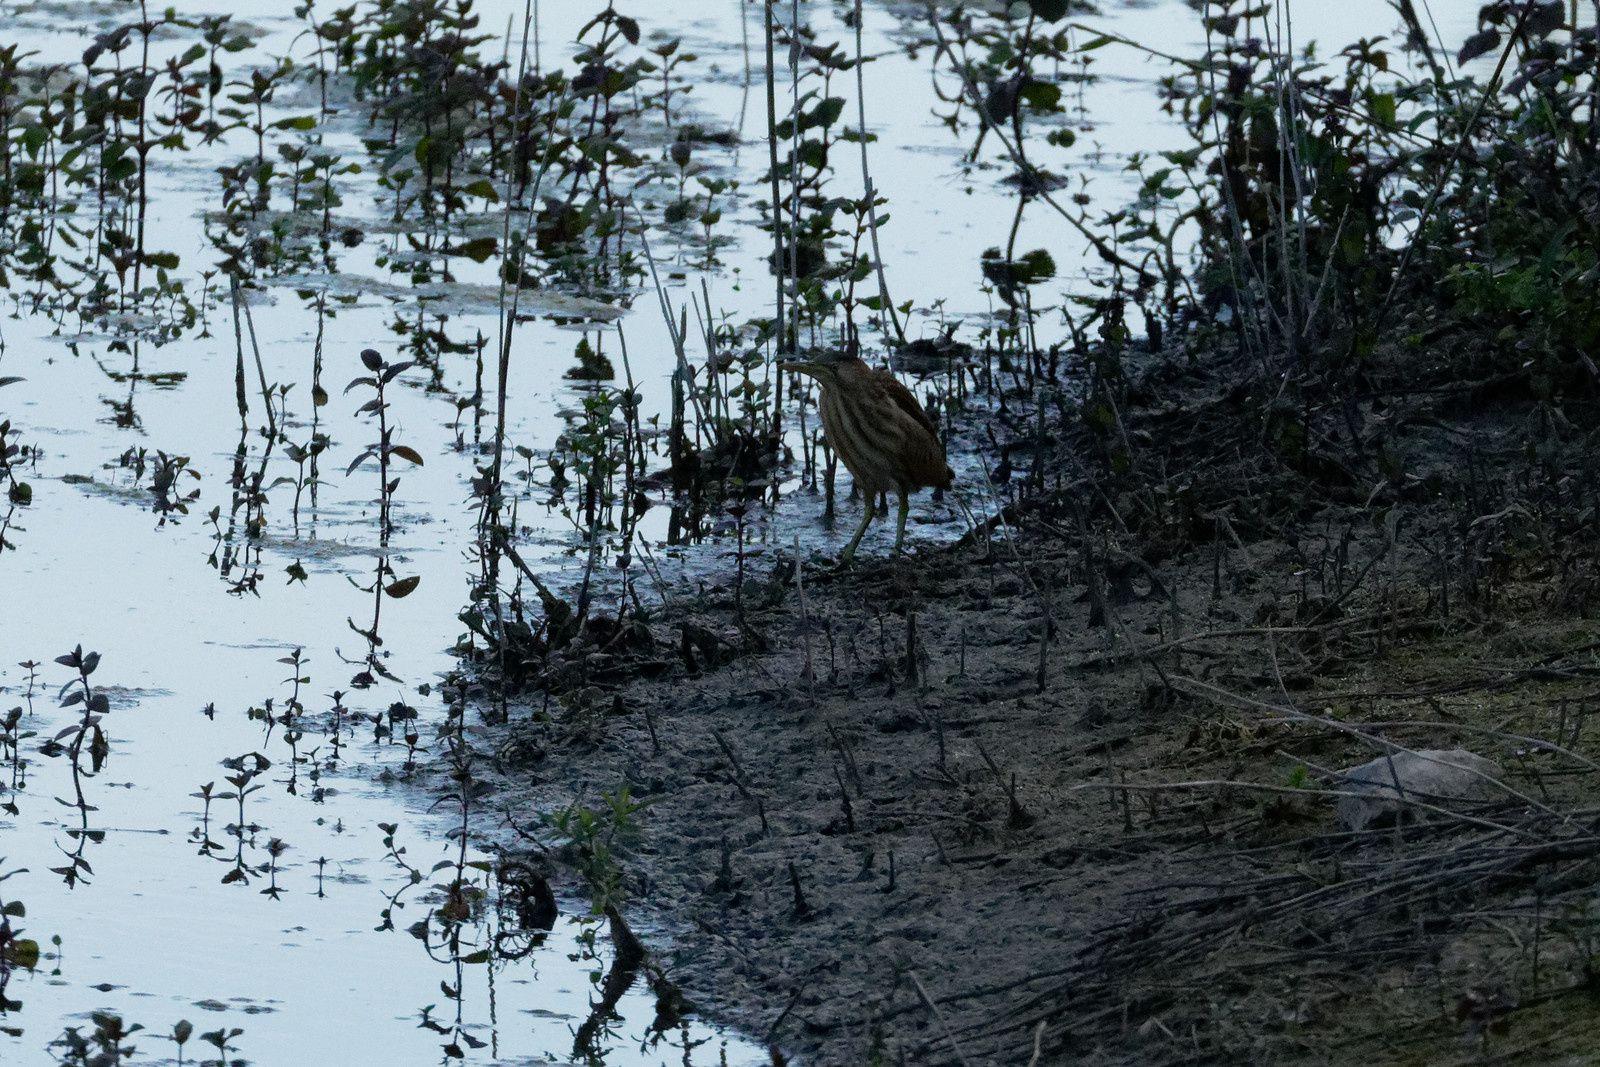 photos recadrées en fonction des reflets sur l'eau